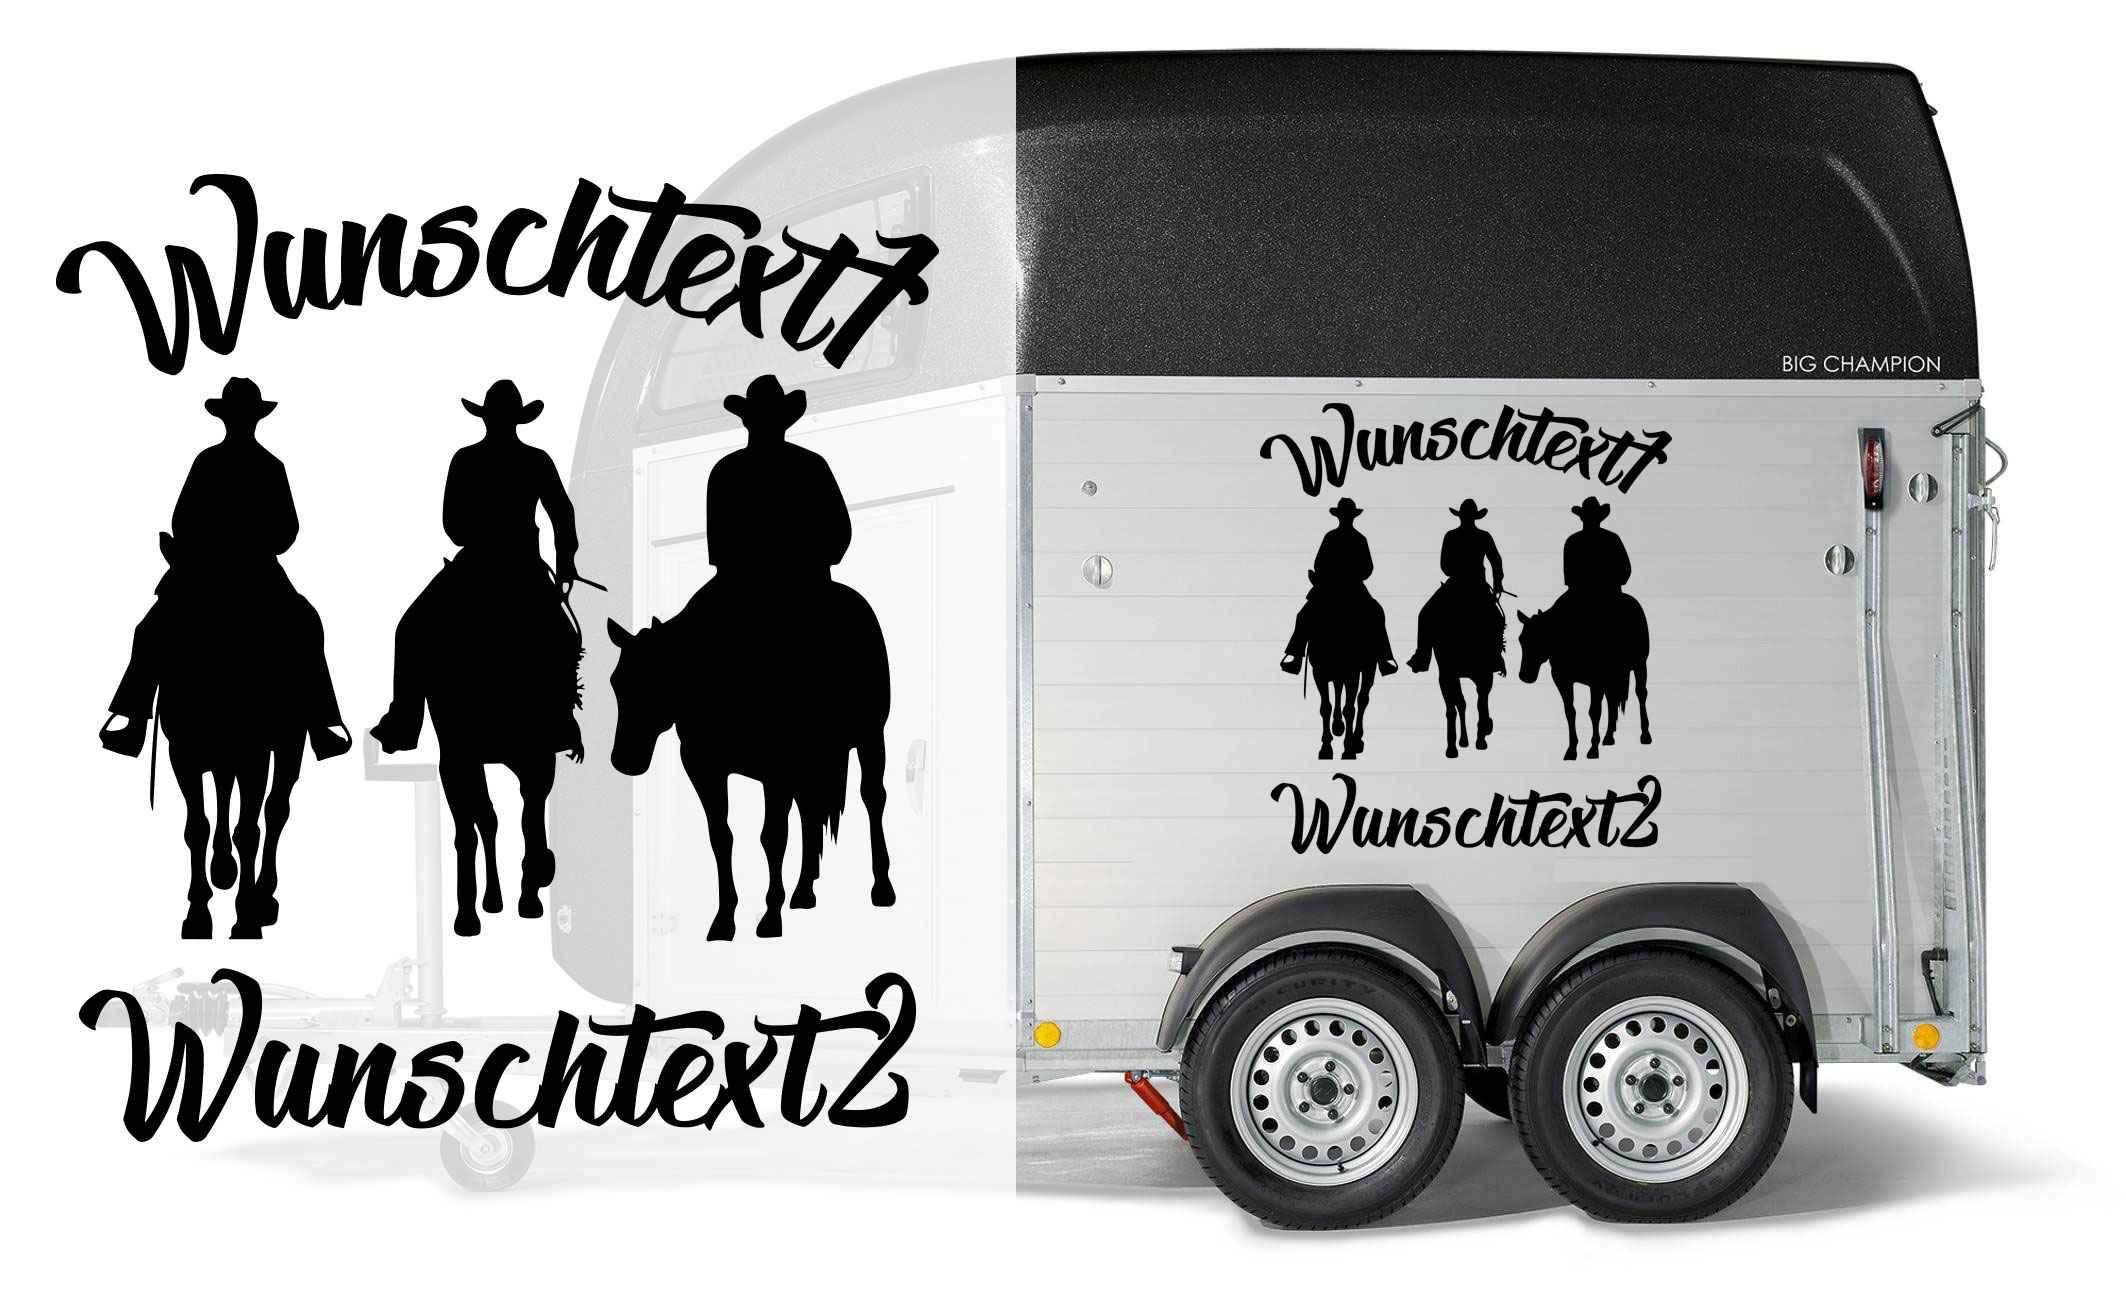 Trio Western Riding Aufkleber Individuell Mit 2x Wunschtext Auto Anhänger Aufkleber Pferde